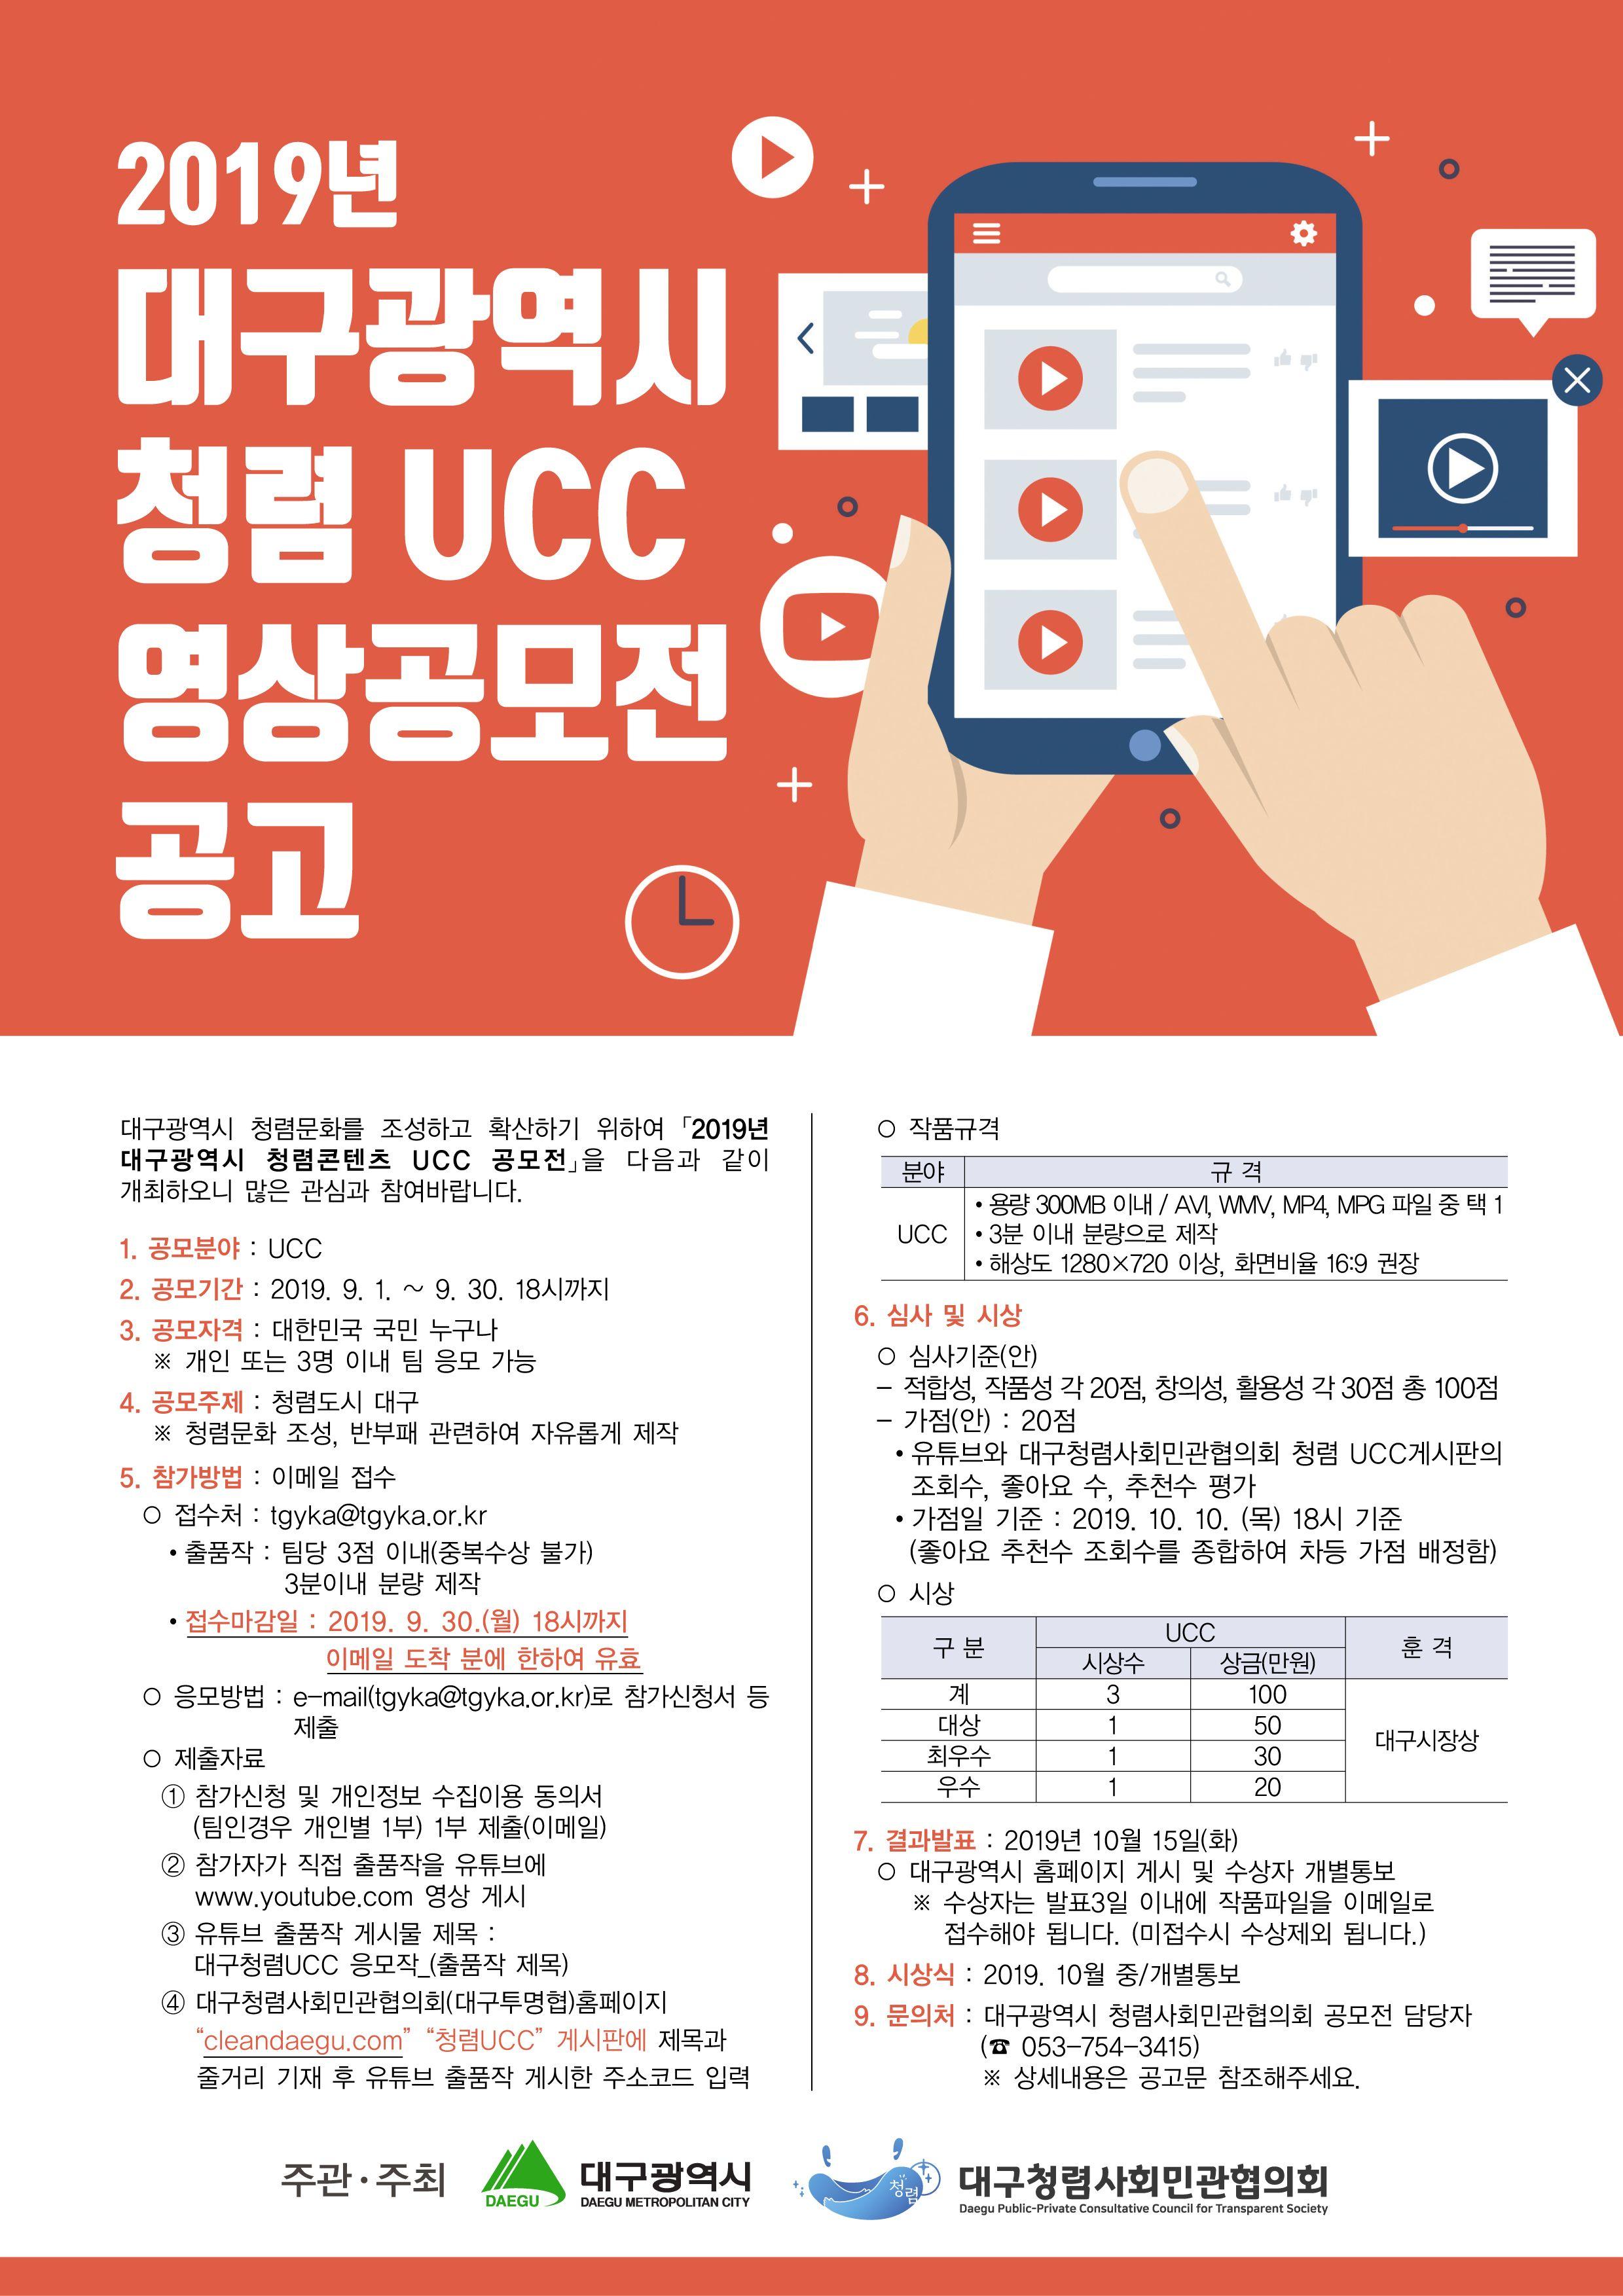 대구광역시 청렴 UCC 영상공모전